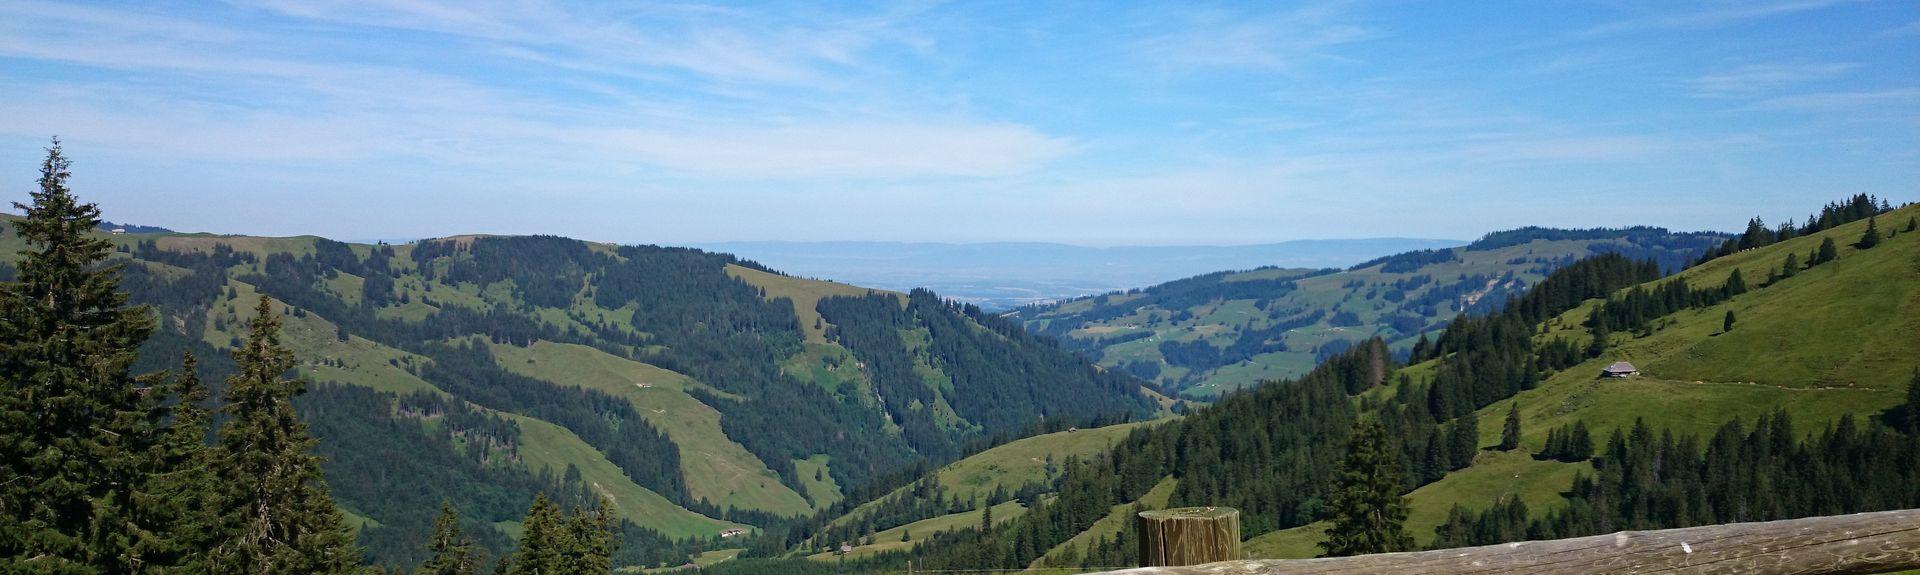 Düdingen, Switzerland